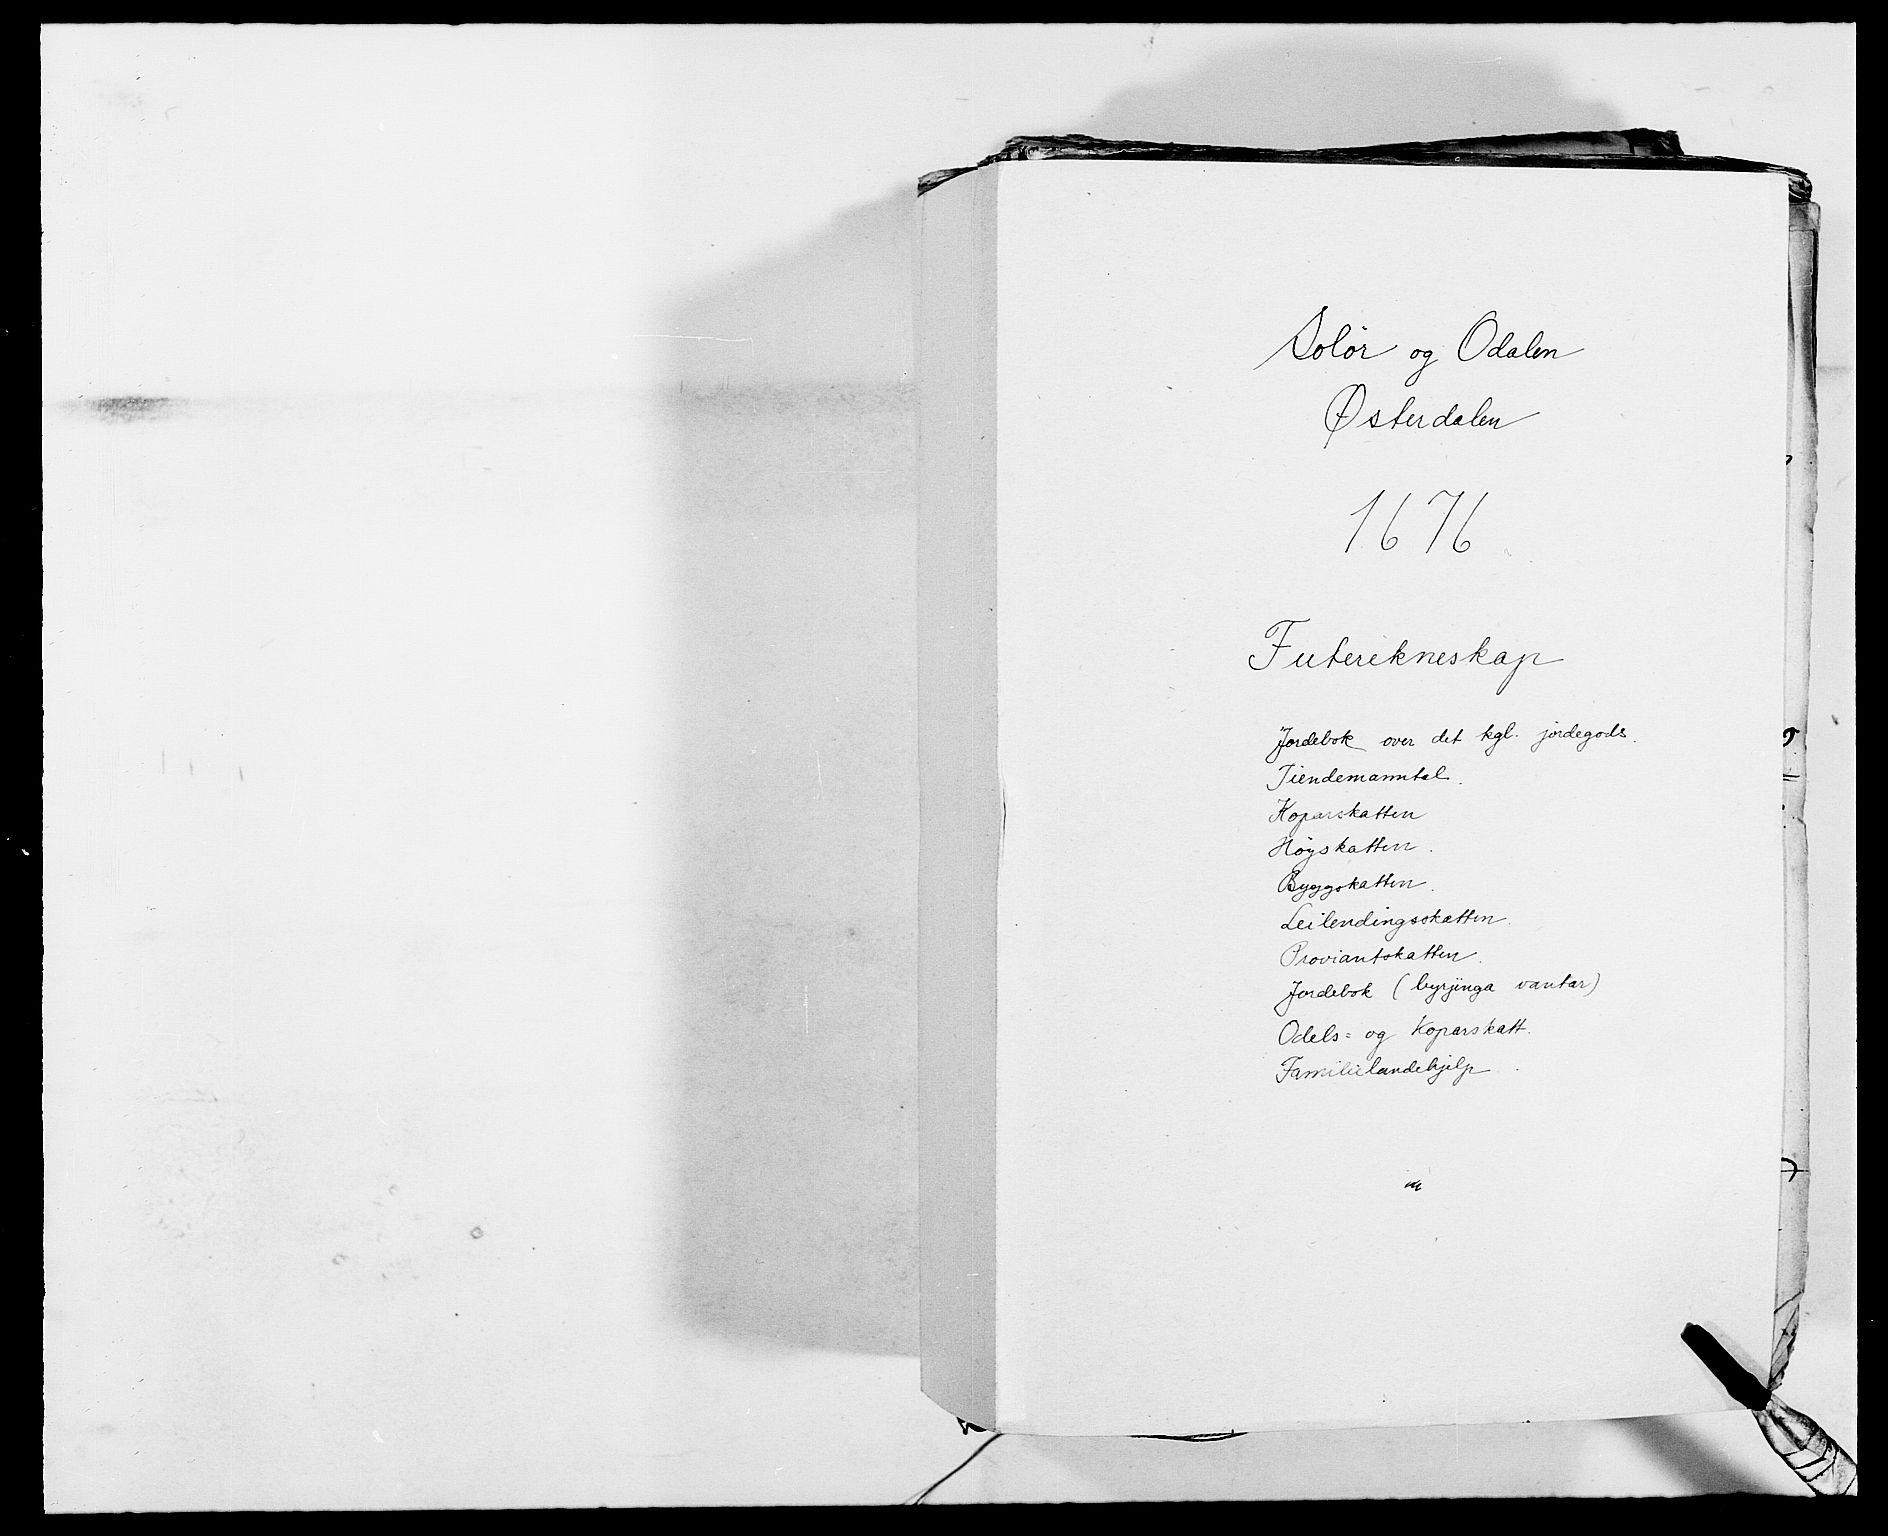 RA, Rentekammeret inntil 1814, Reviderte regnskaper, Fogderegnskap, R13/L0811: Fogderegnskap Solør, Odal og Østerdal, 1676, s. 1